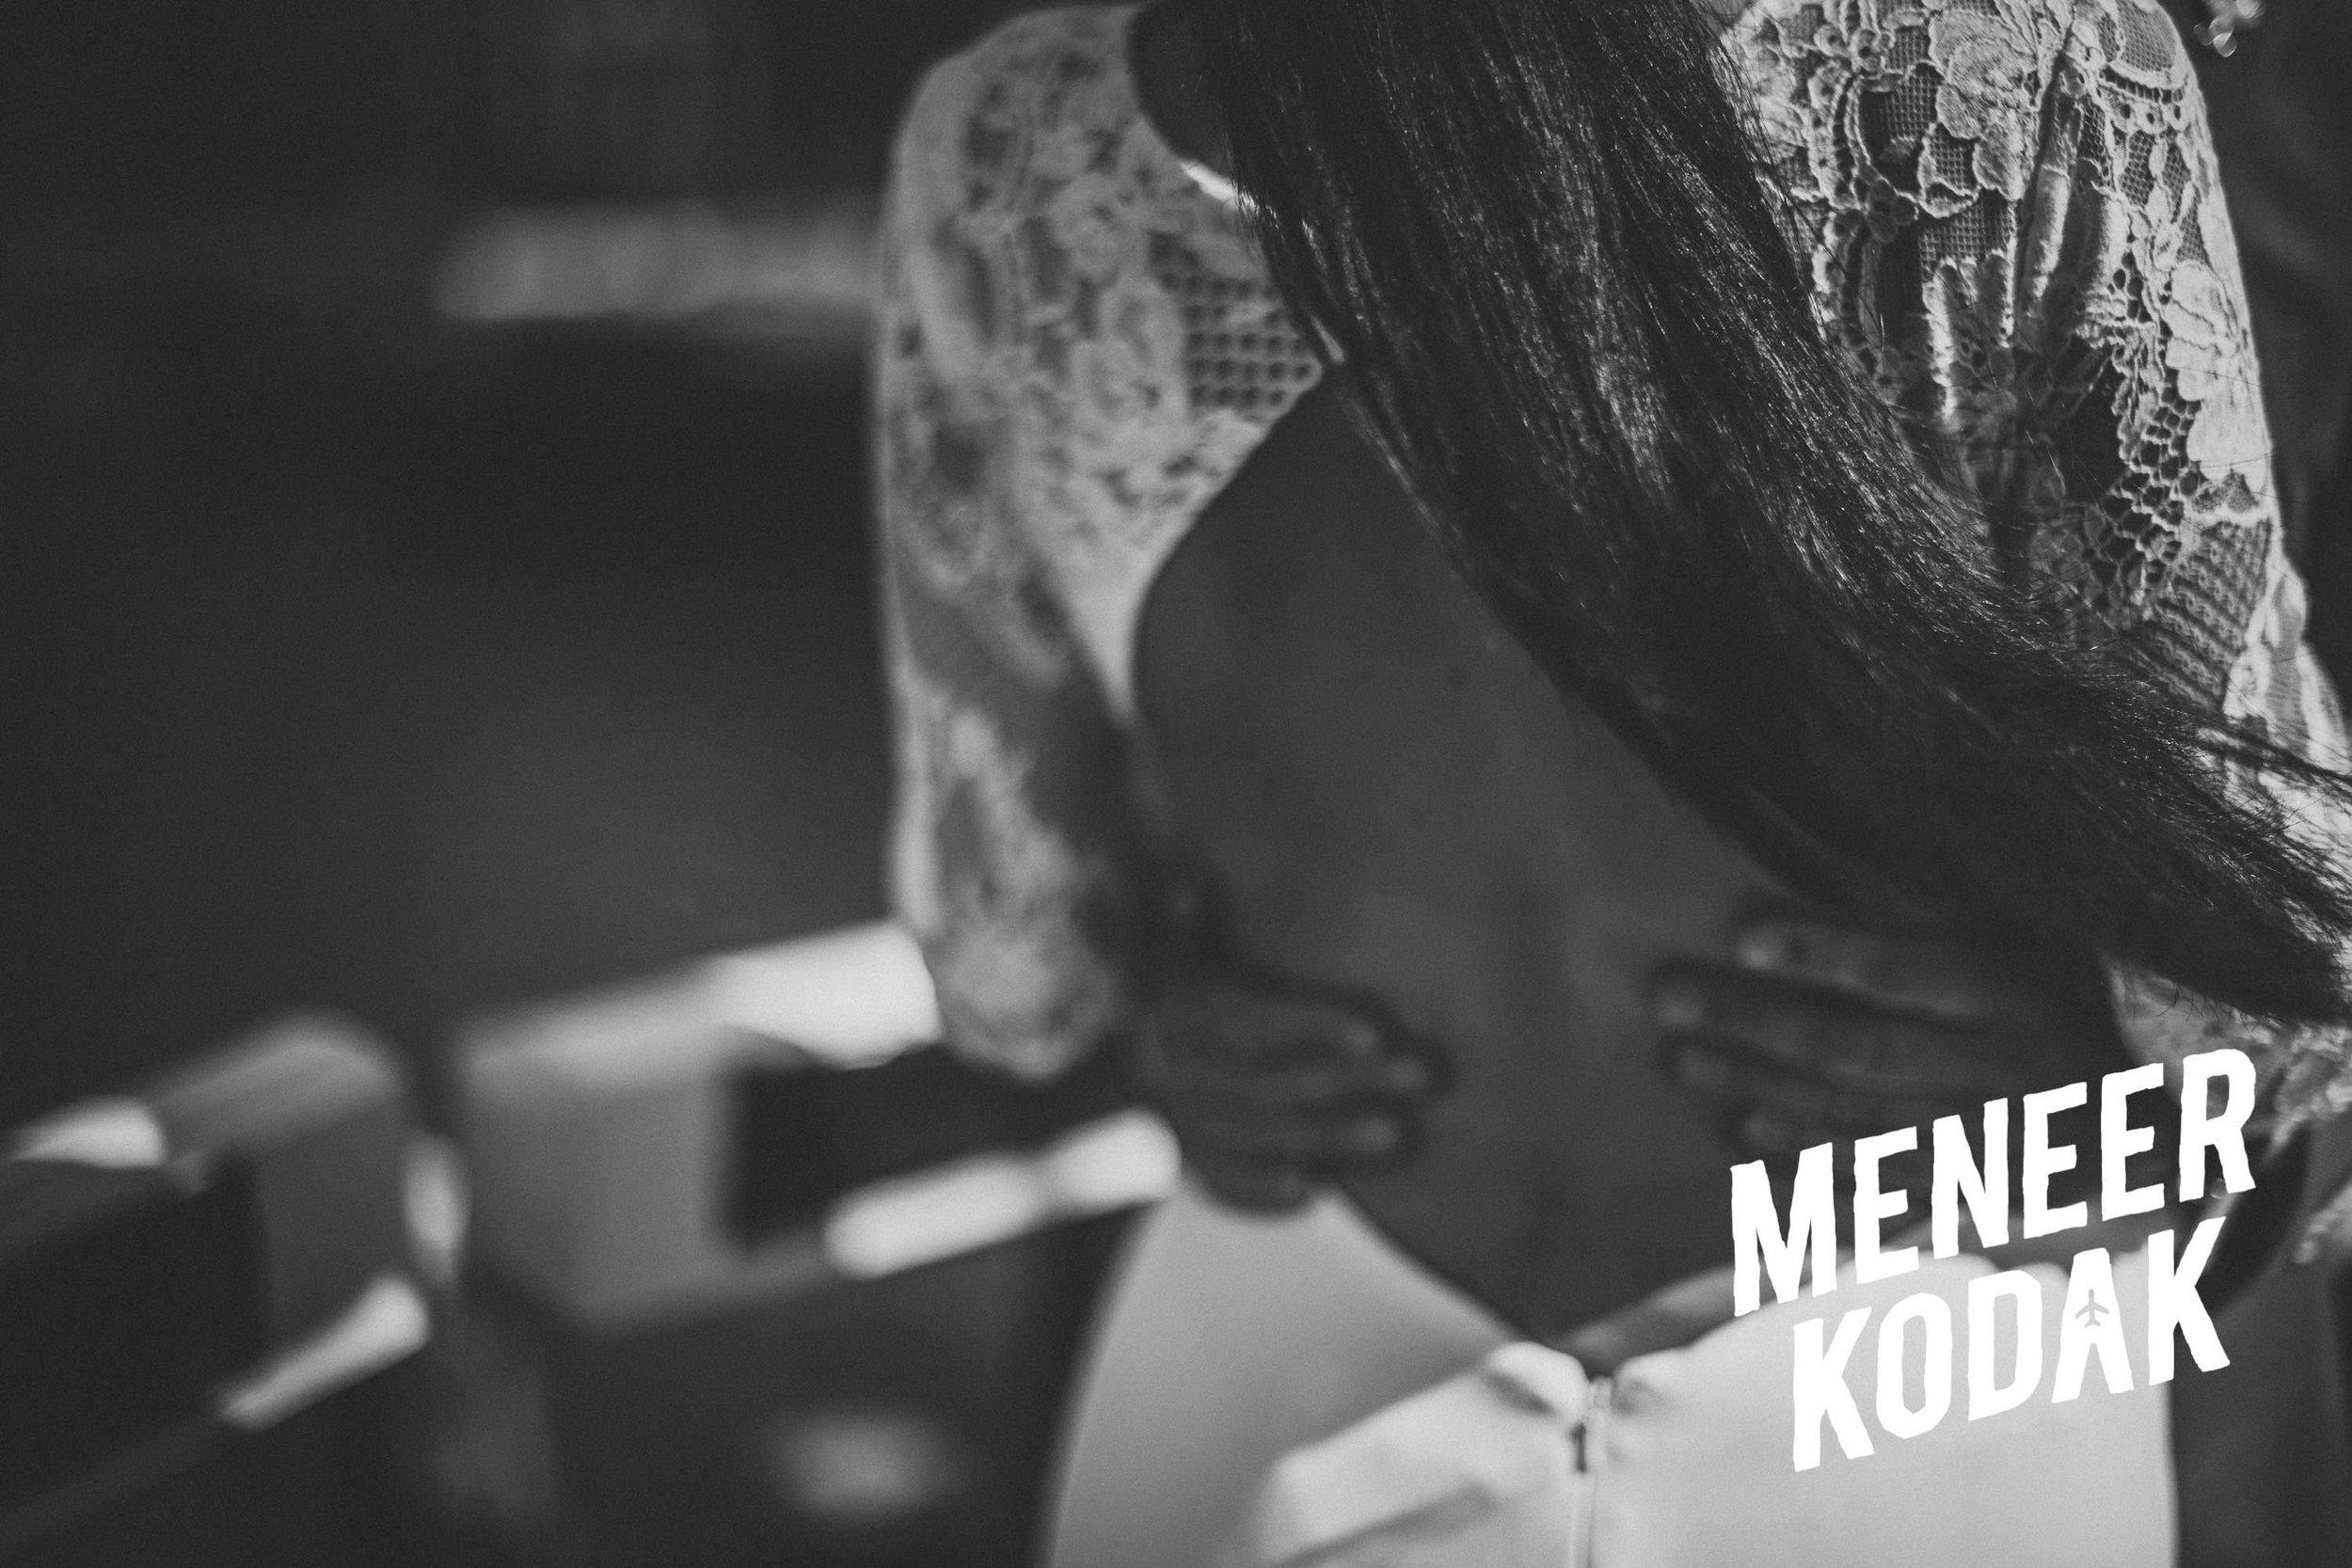 Meneer Kodak - Bruidsfotograaf - Amsterdam - M&J-018.jpg